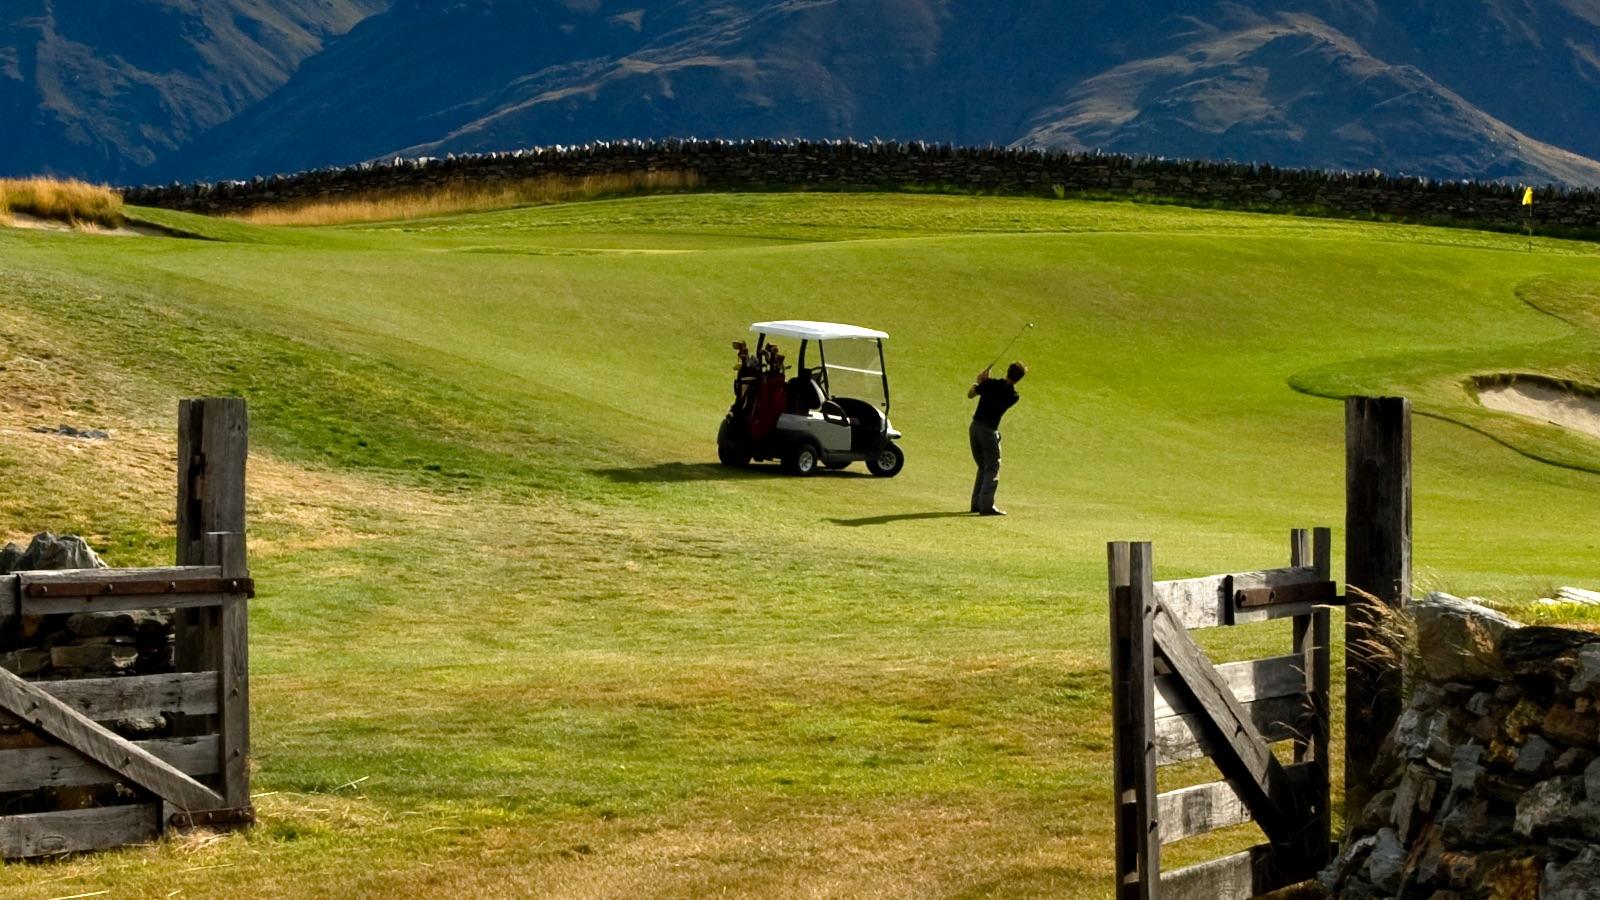 9562594abc47 1600x900-golf-10.jpg